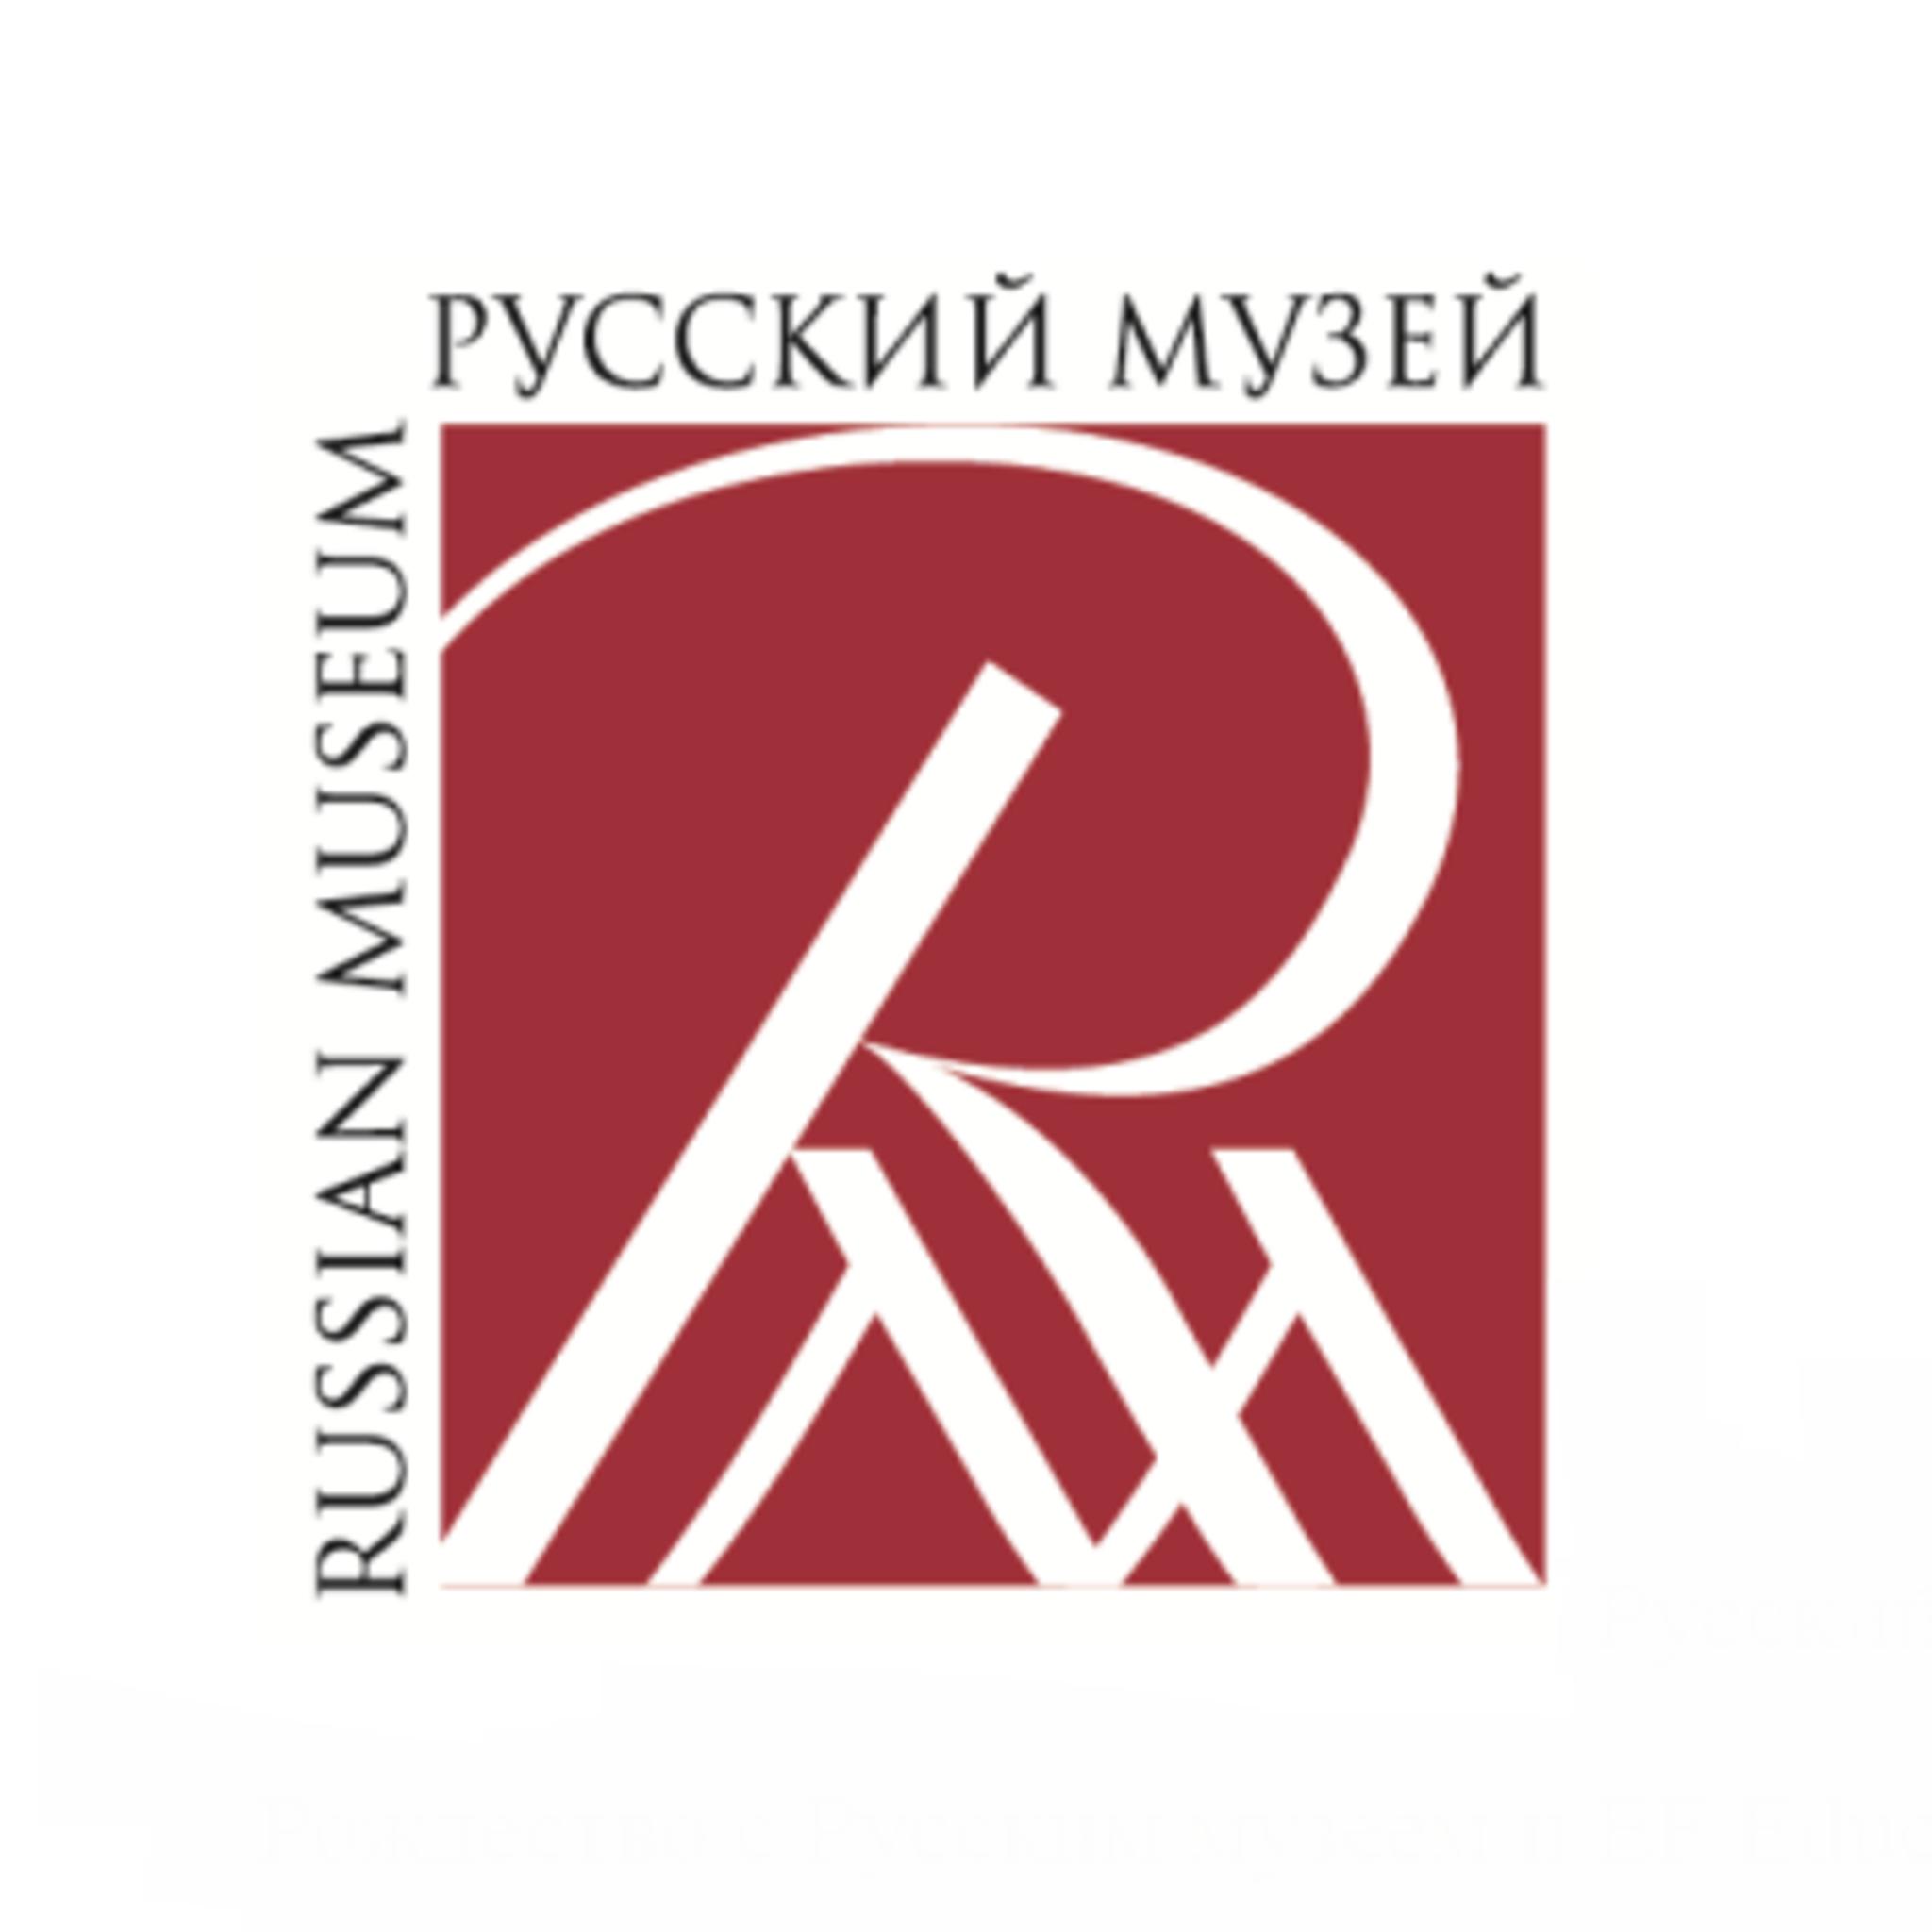 Рождество с Русским музеем и EF Education First